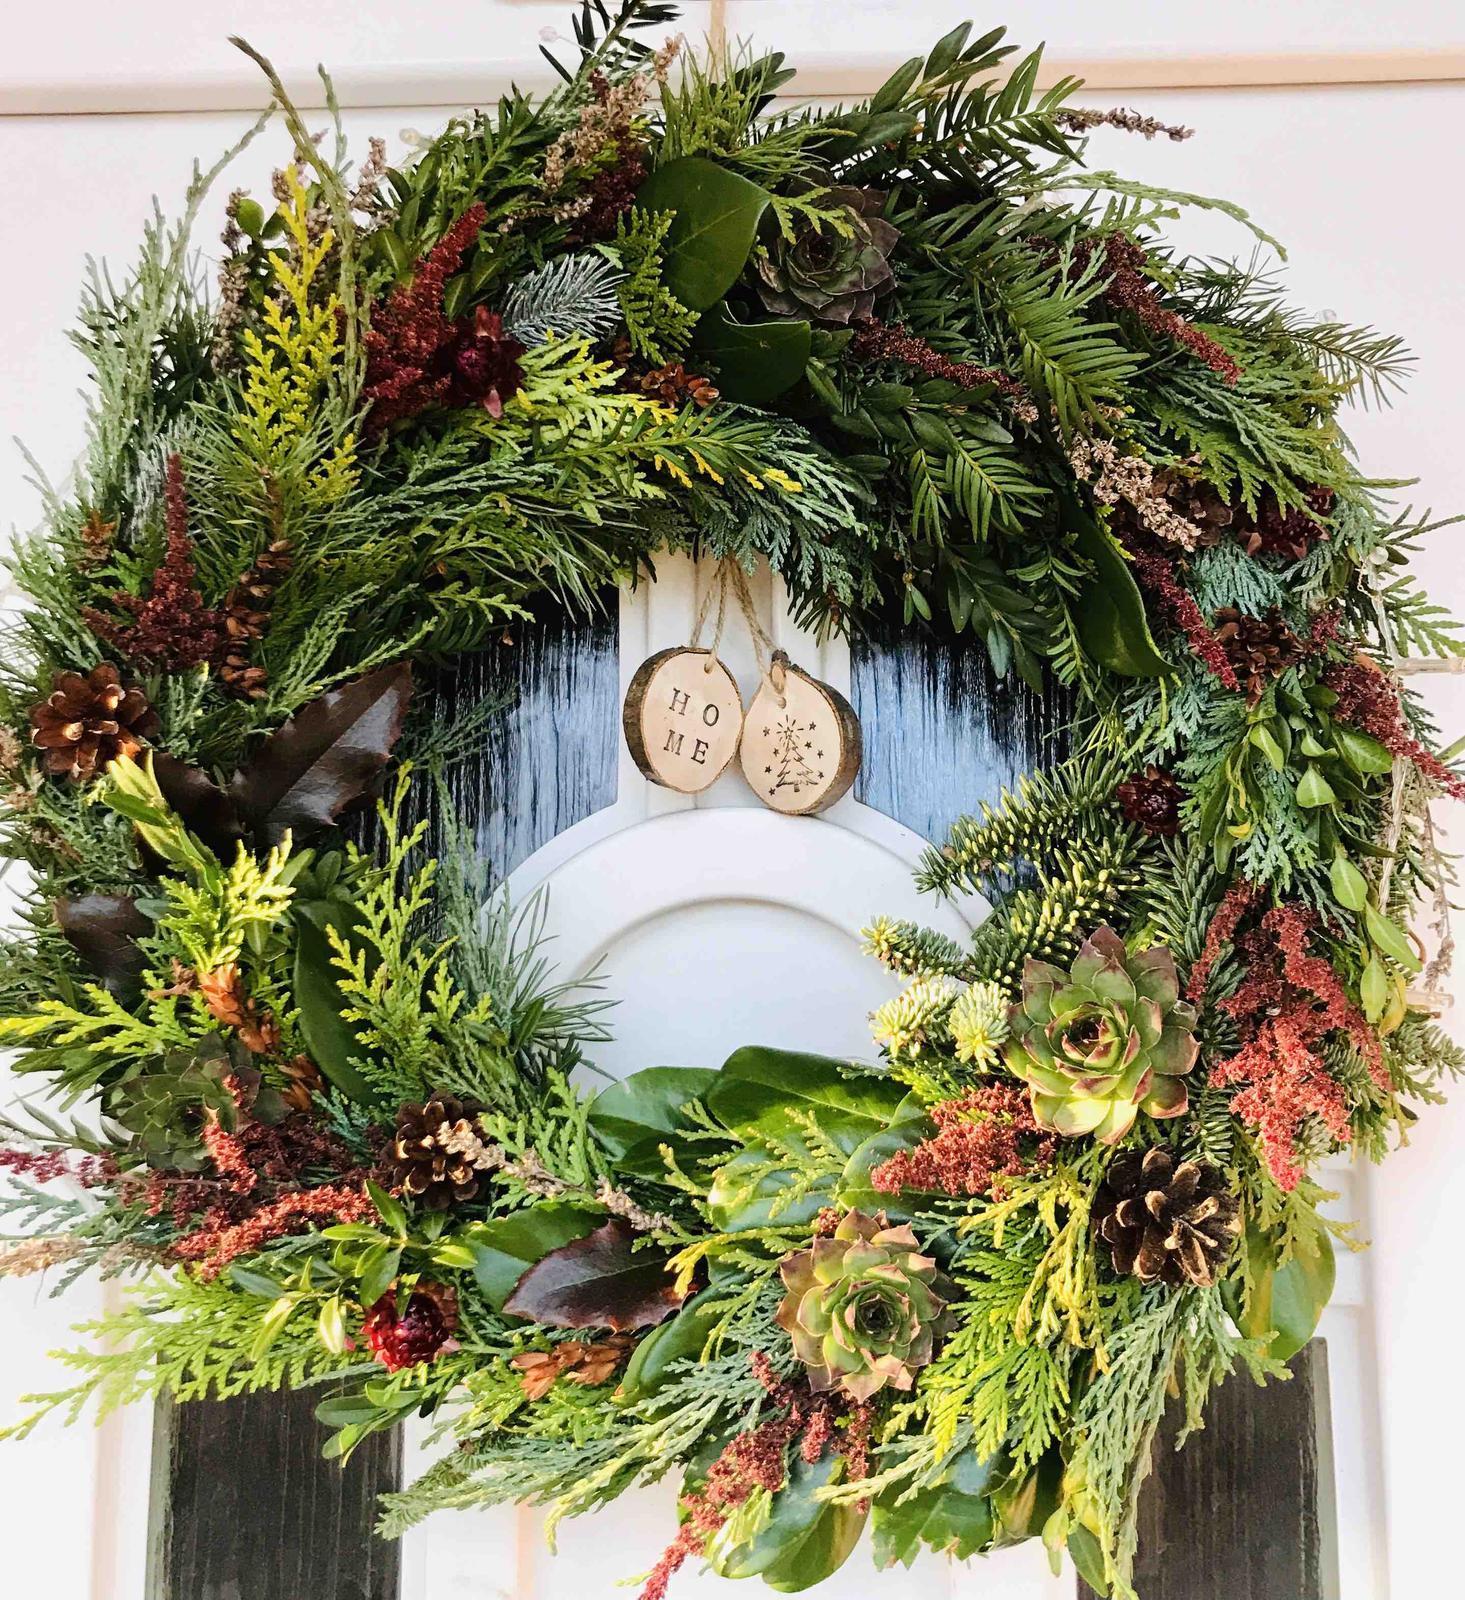 Miluji tvořit - Zatímco doma adventní věnec úplně suchý, tento krasavec na dveřích stále drží svoji barevnost a čerstvost 🤗